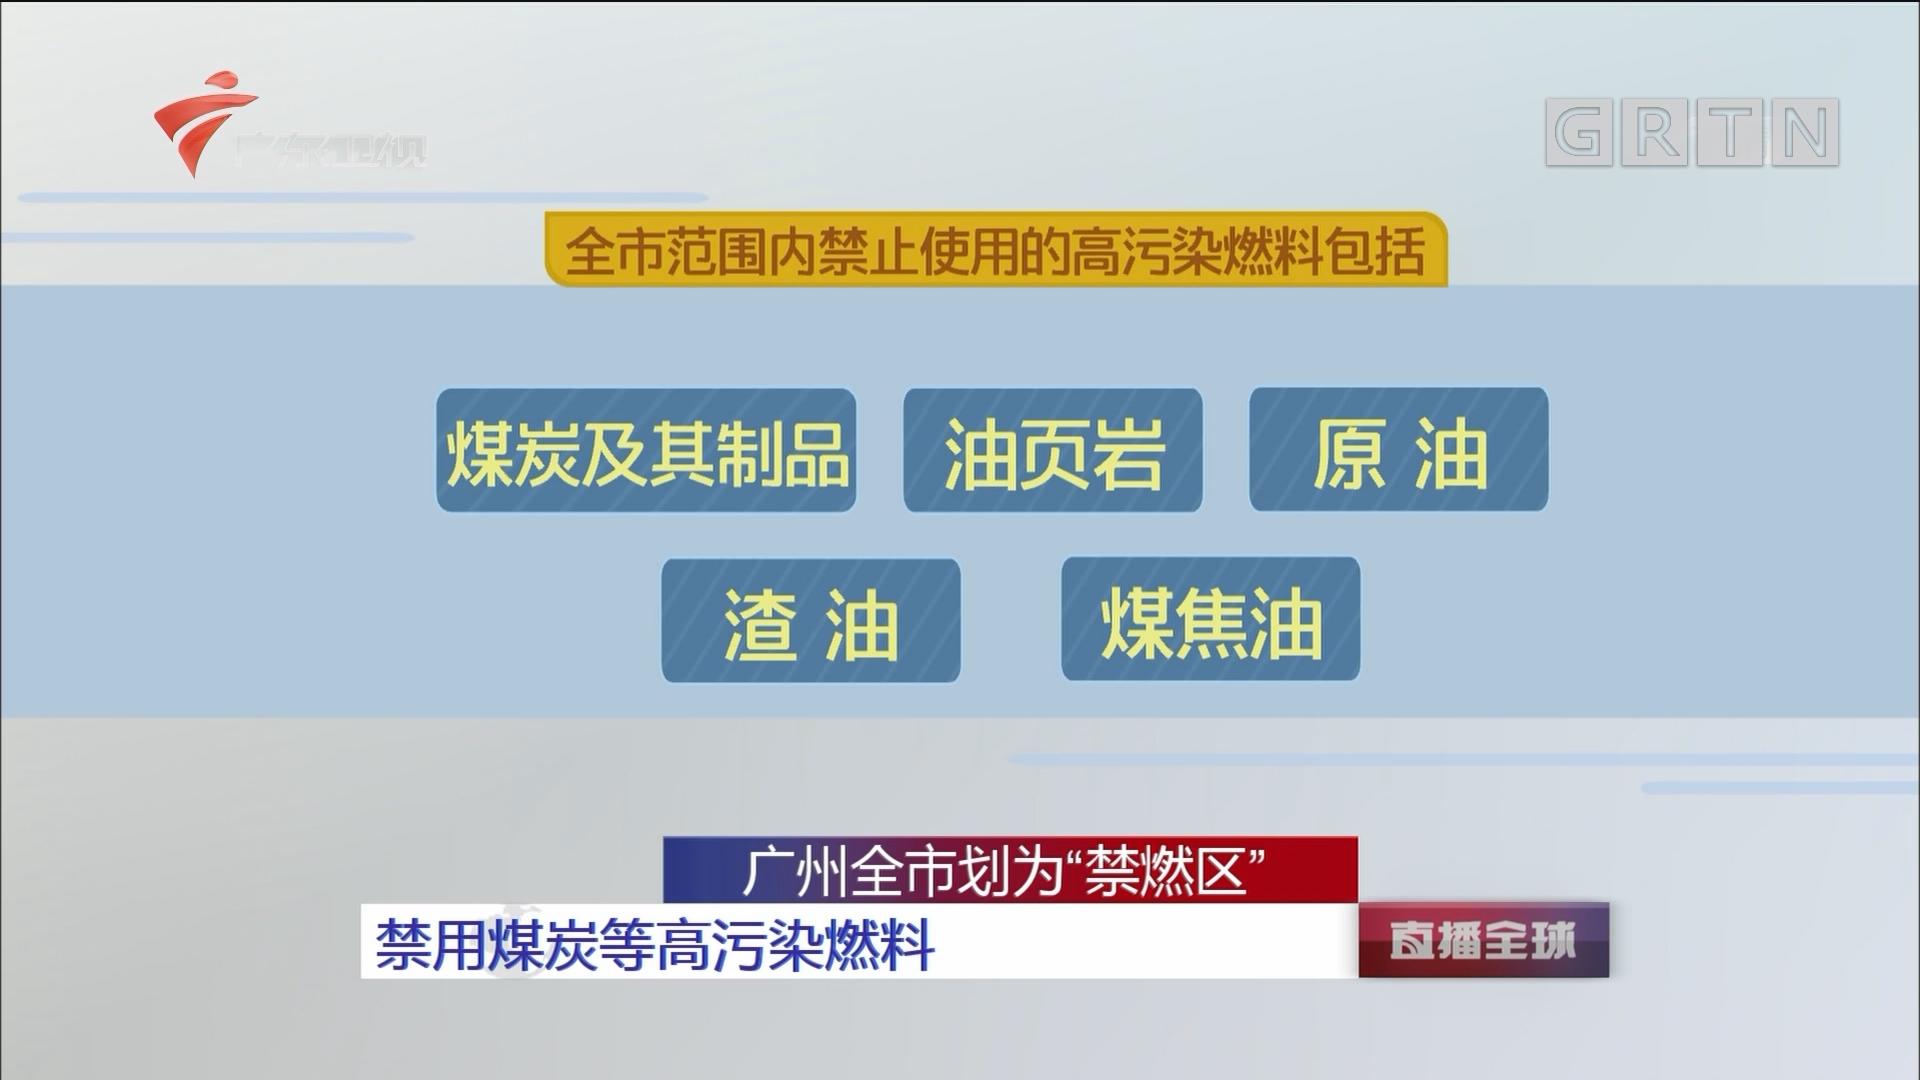 """广州全市划为""""禁燃区"""" 禁用煤炭等高污染燃料"""